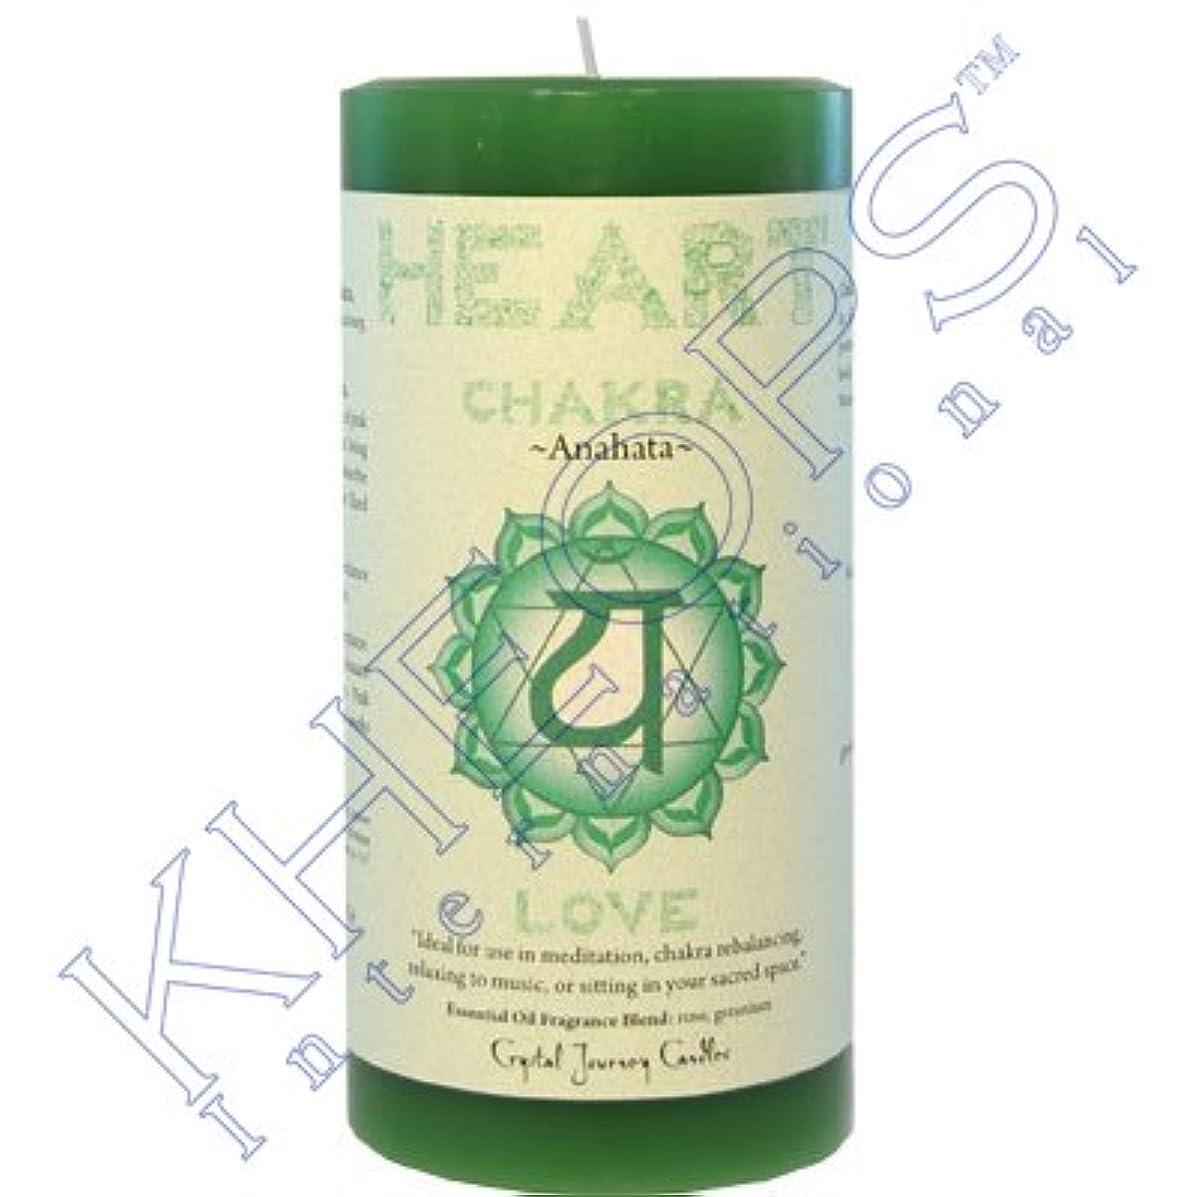 注釈続けるハウジングPillar Chakra Green-Heart Anahata by Treasures Stones Crystals & More [並行輸入品]